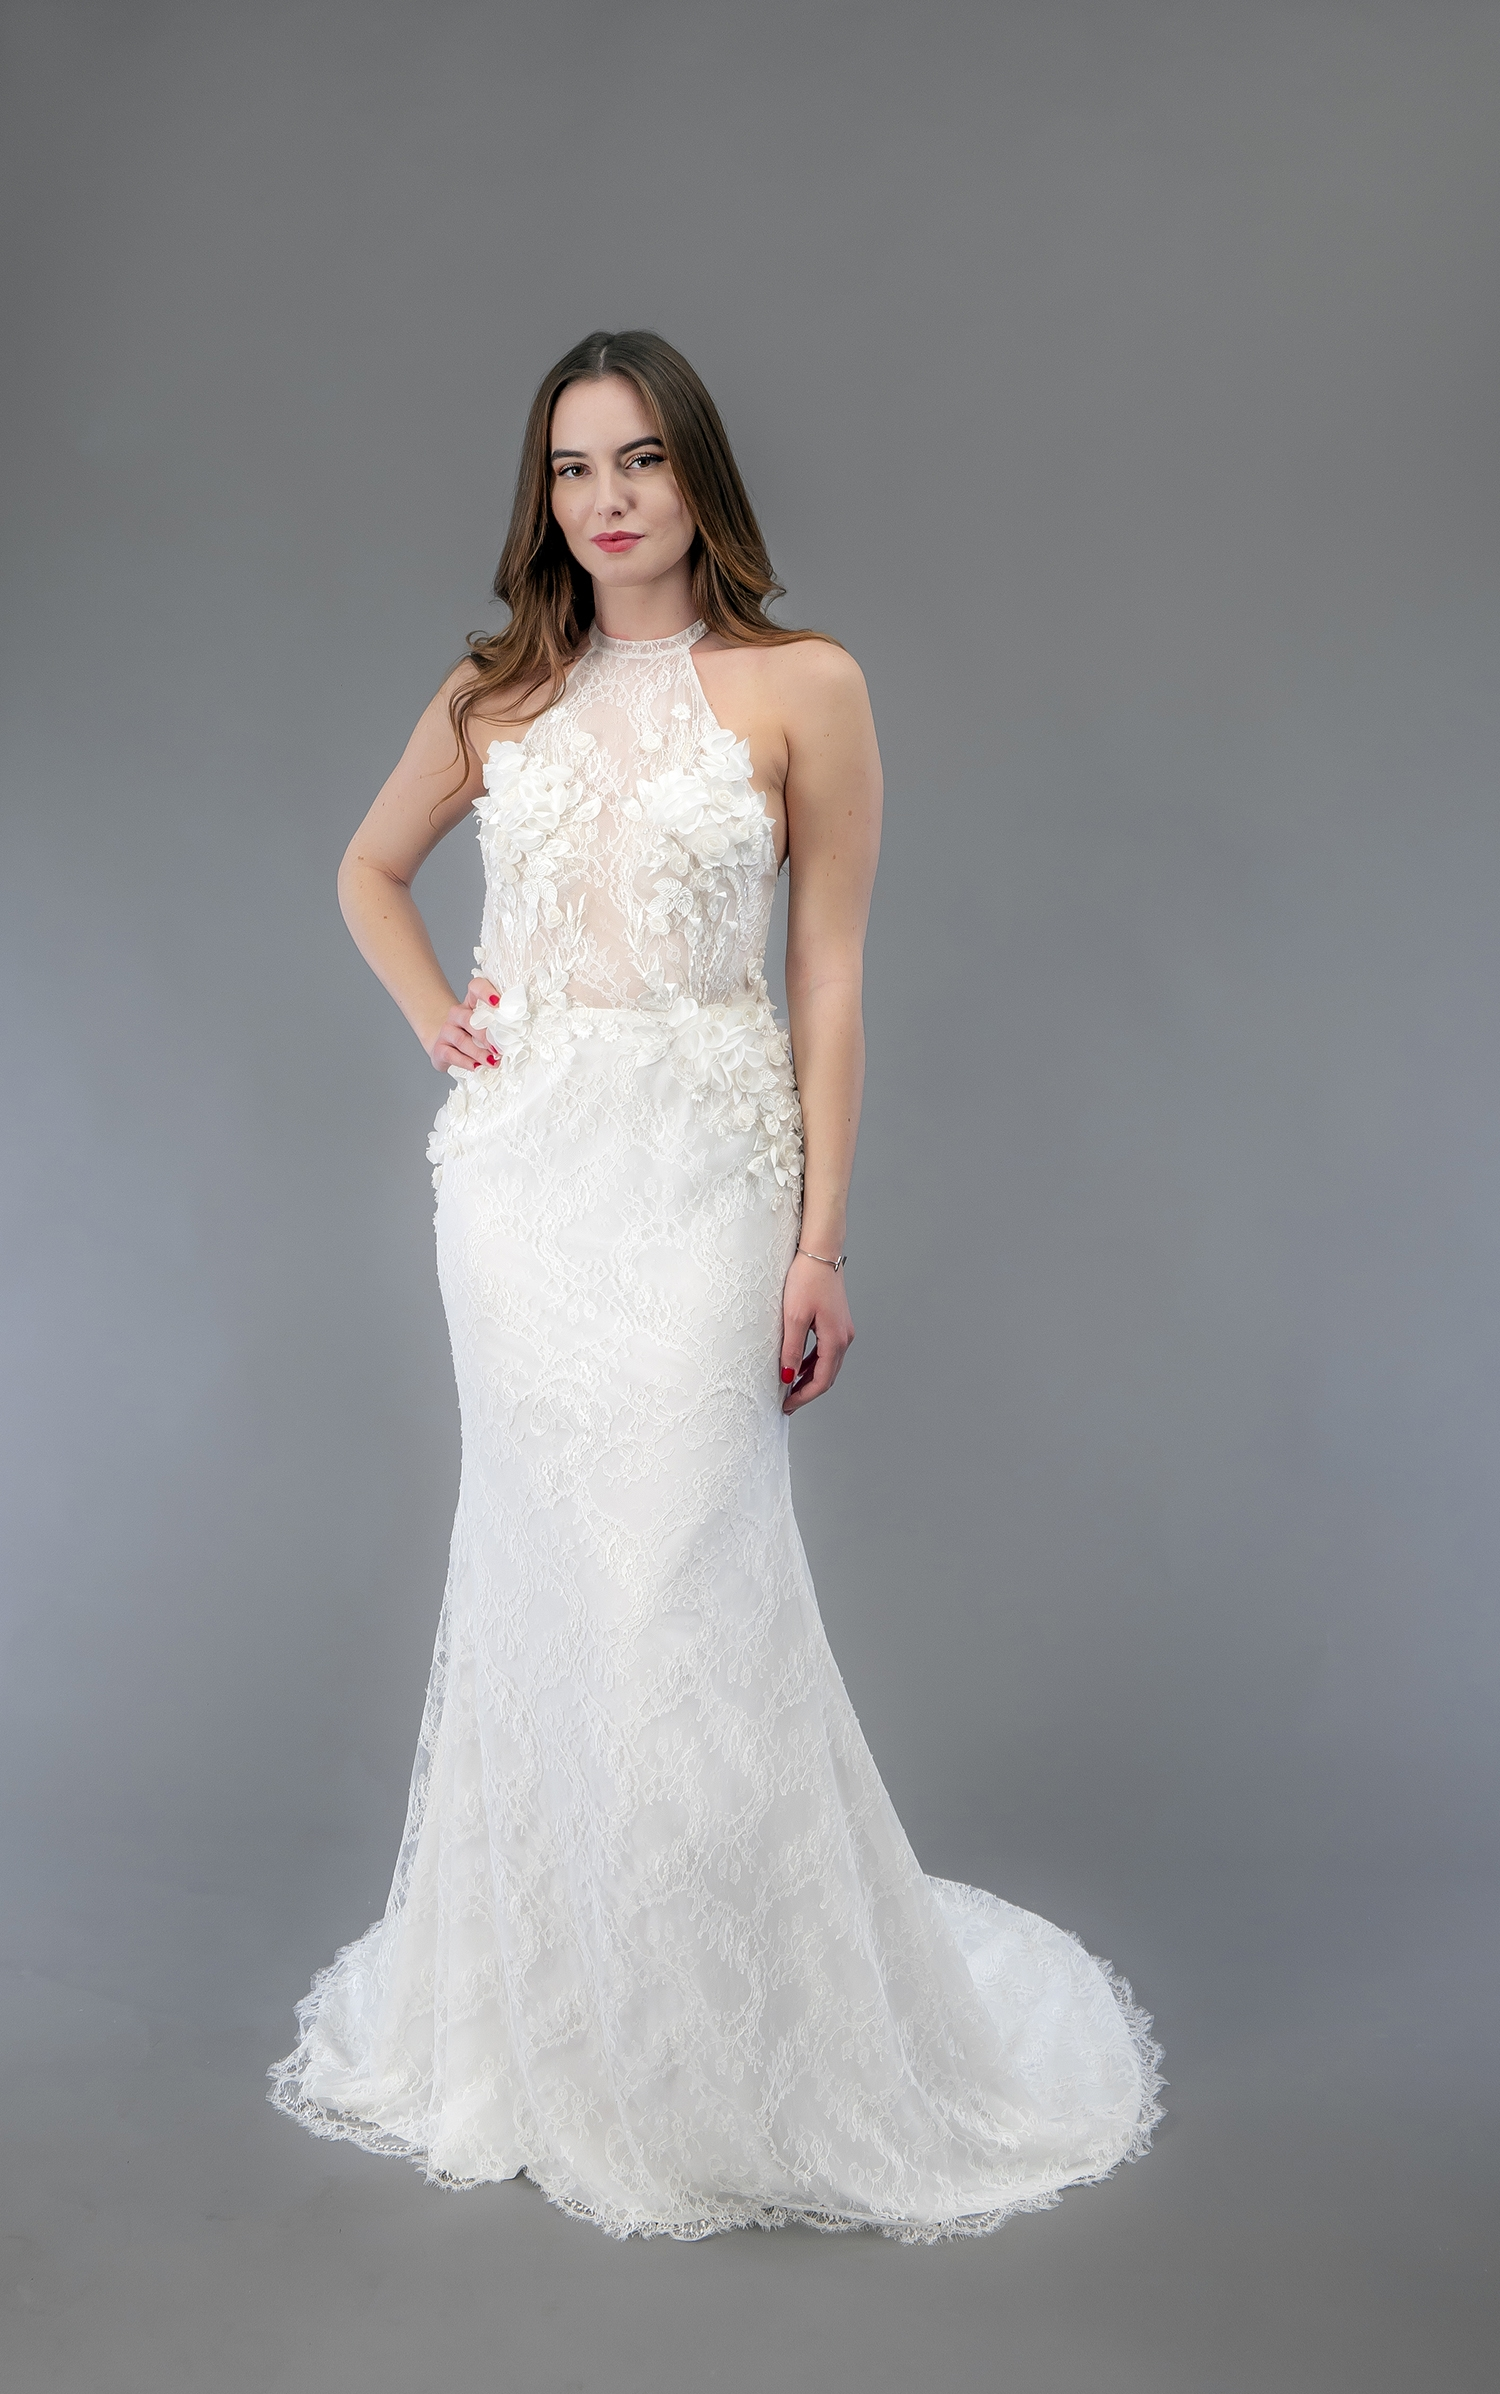 Robe de mariée à Marseille par Belle en soie Couture   robe Victoria